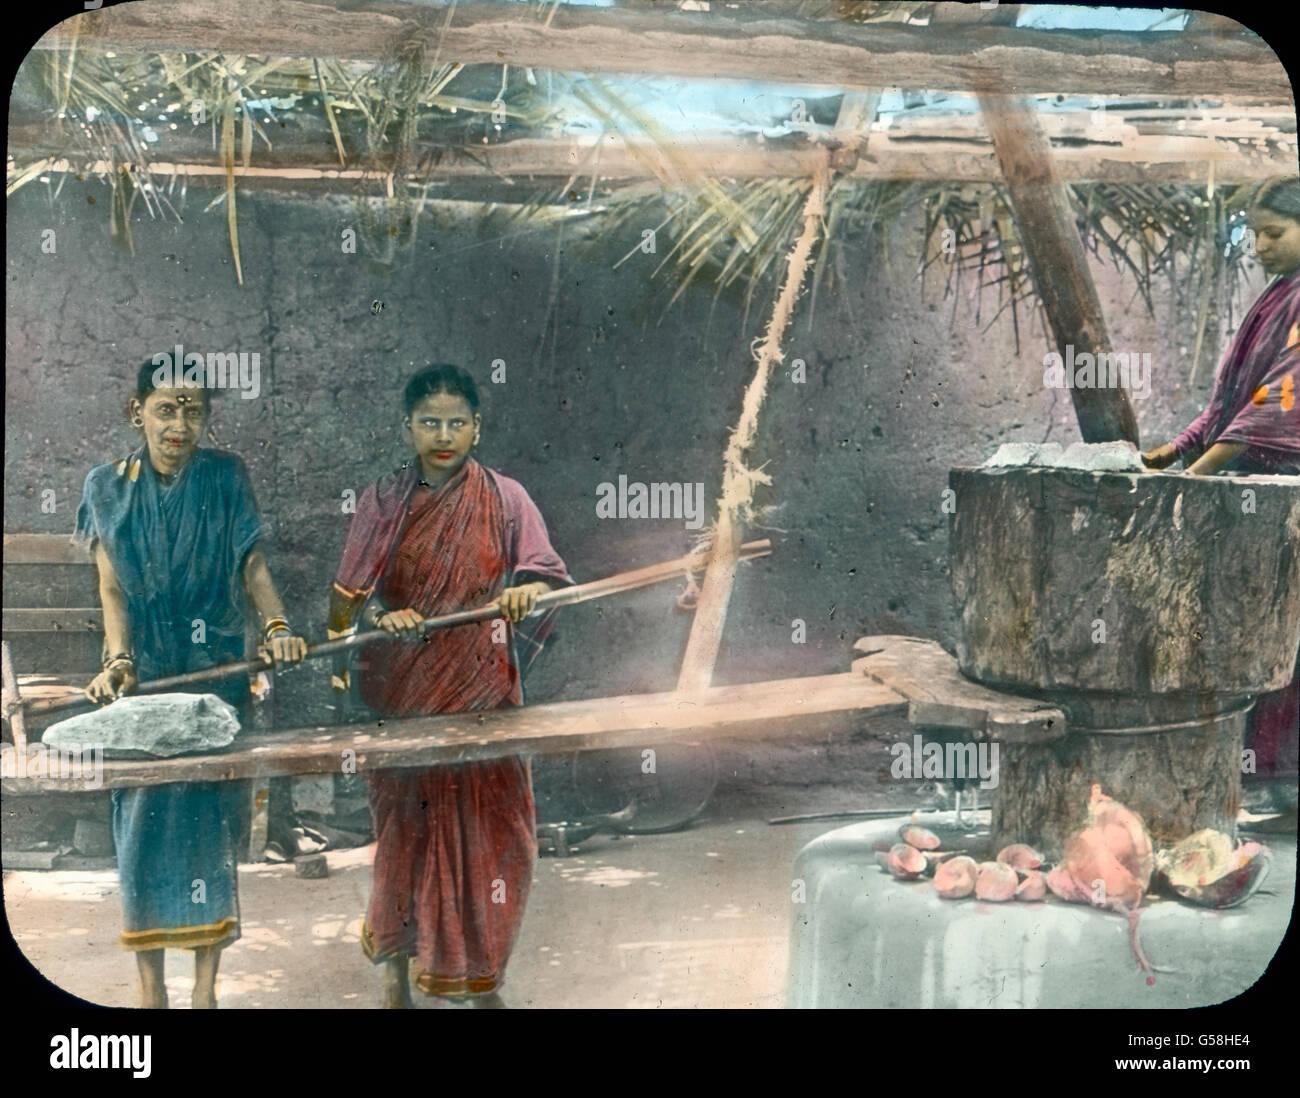 Hier werden Kokosnüsse von zwei Frauen zermahlen. India, Asia, travel, mill, Indian, women, rural, native, - Stock Image